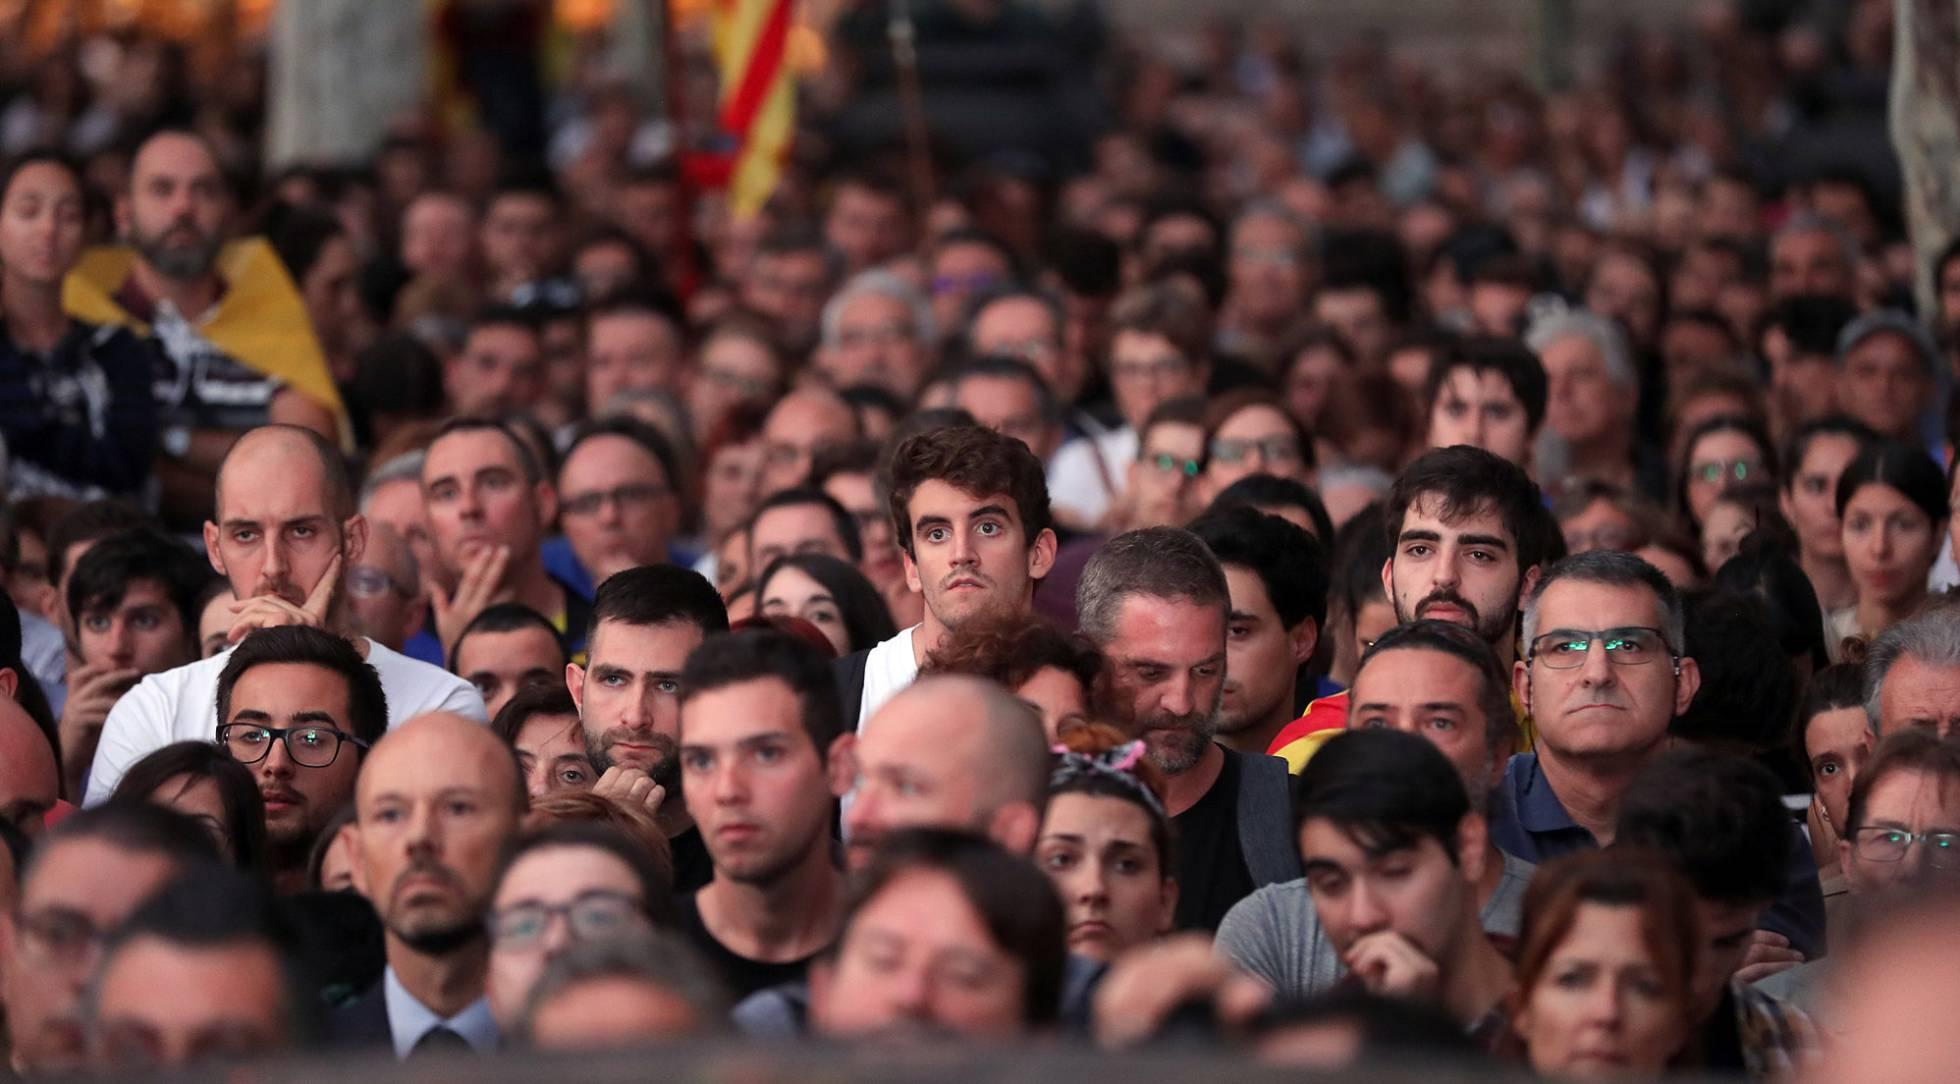 Привържениците на независимостта масово се почувстваха излъгани и предадени. Снимка: El Pais